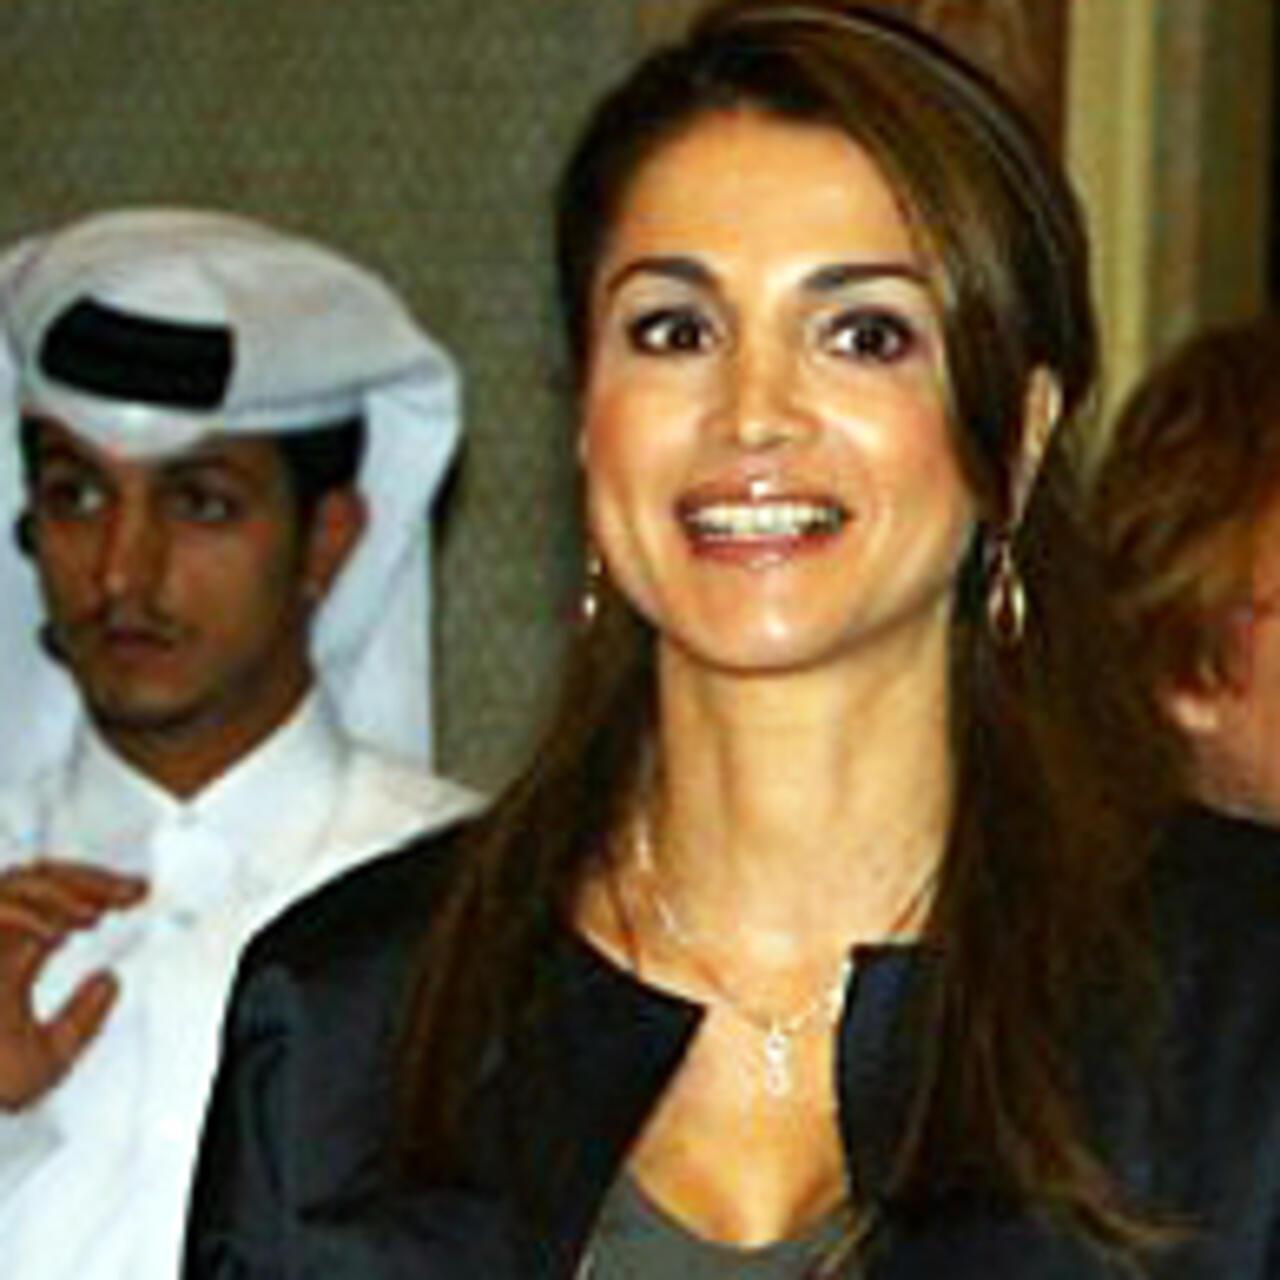 Ces Accusations A L Encontre De La Reine Rania Sont Aussi Un Desaveu De La Classe Politique